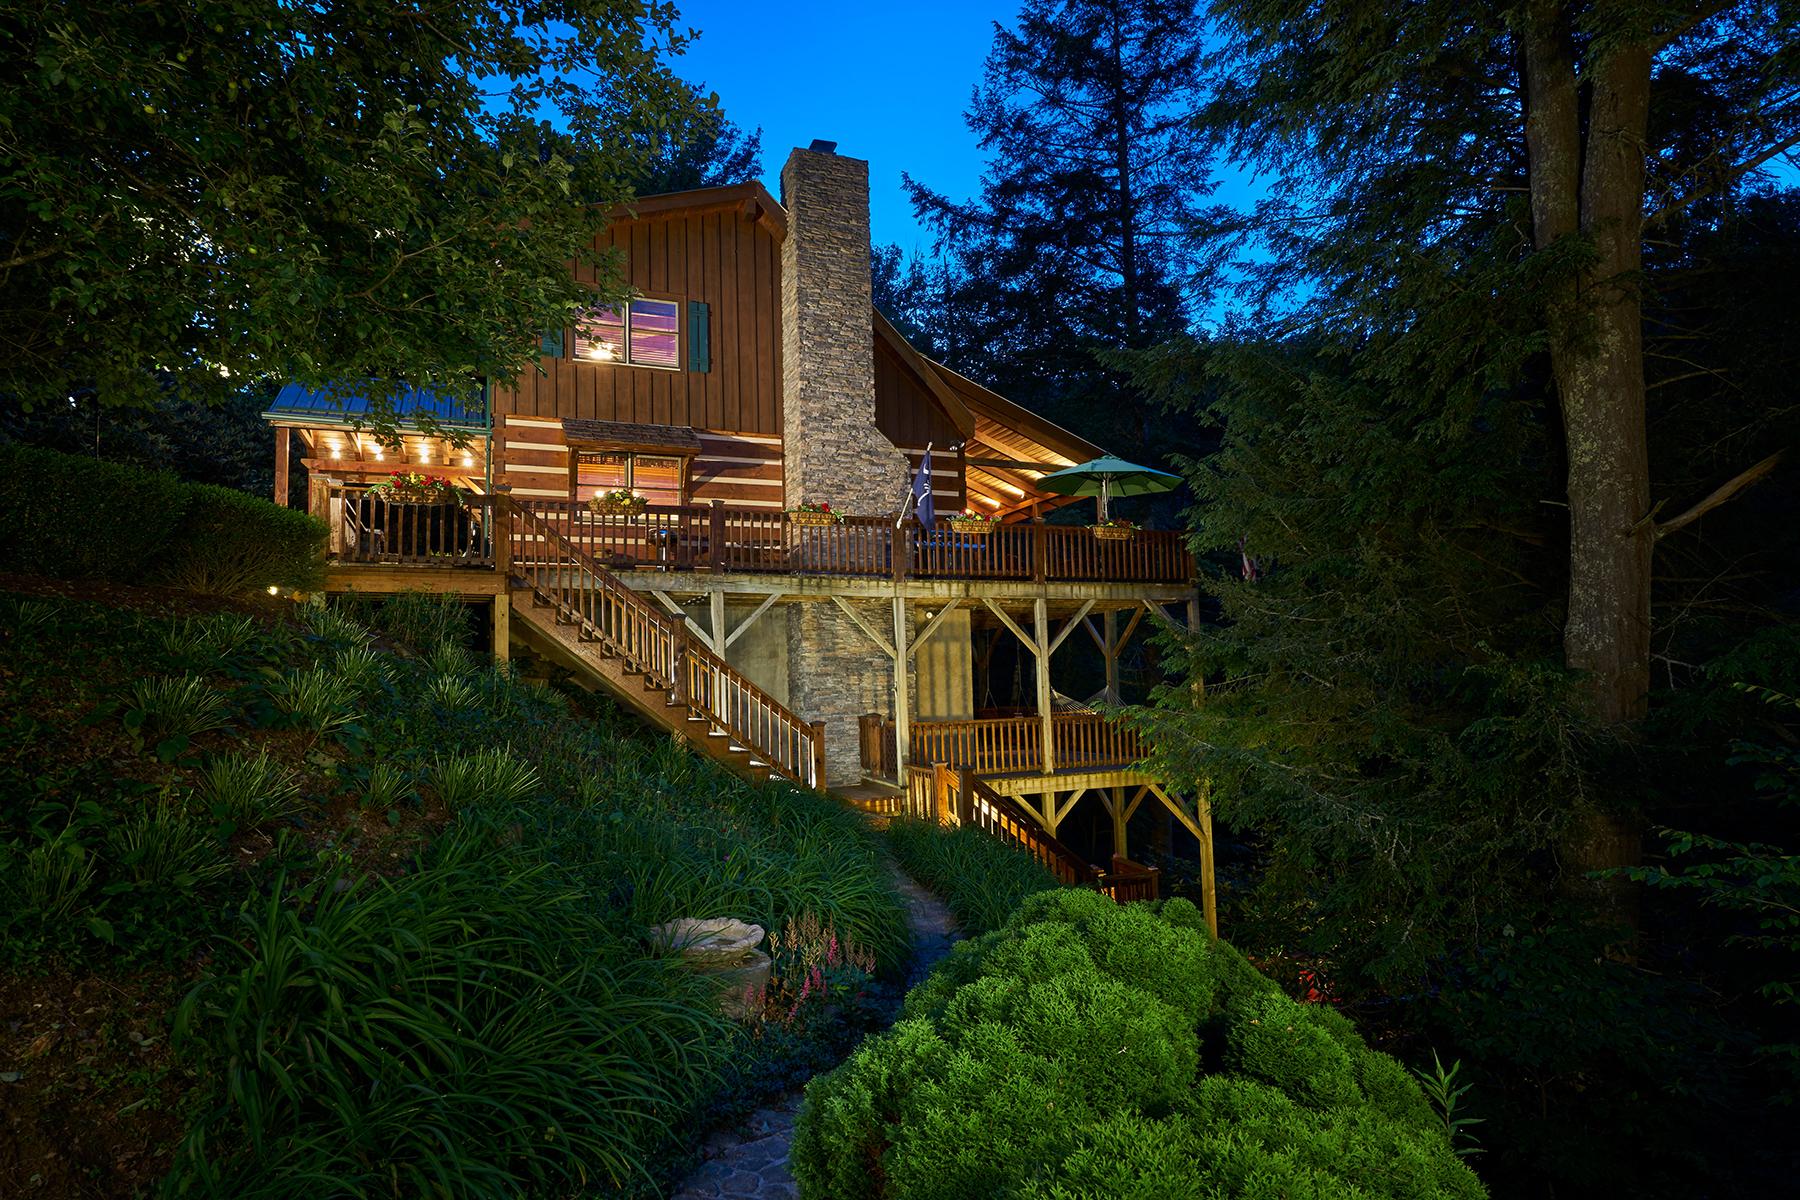 Single Family Homes for Active at SUGAR GROVE 152 Big Branch Rd Sugar Grove, North Carolina 28679 United States